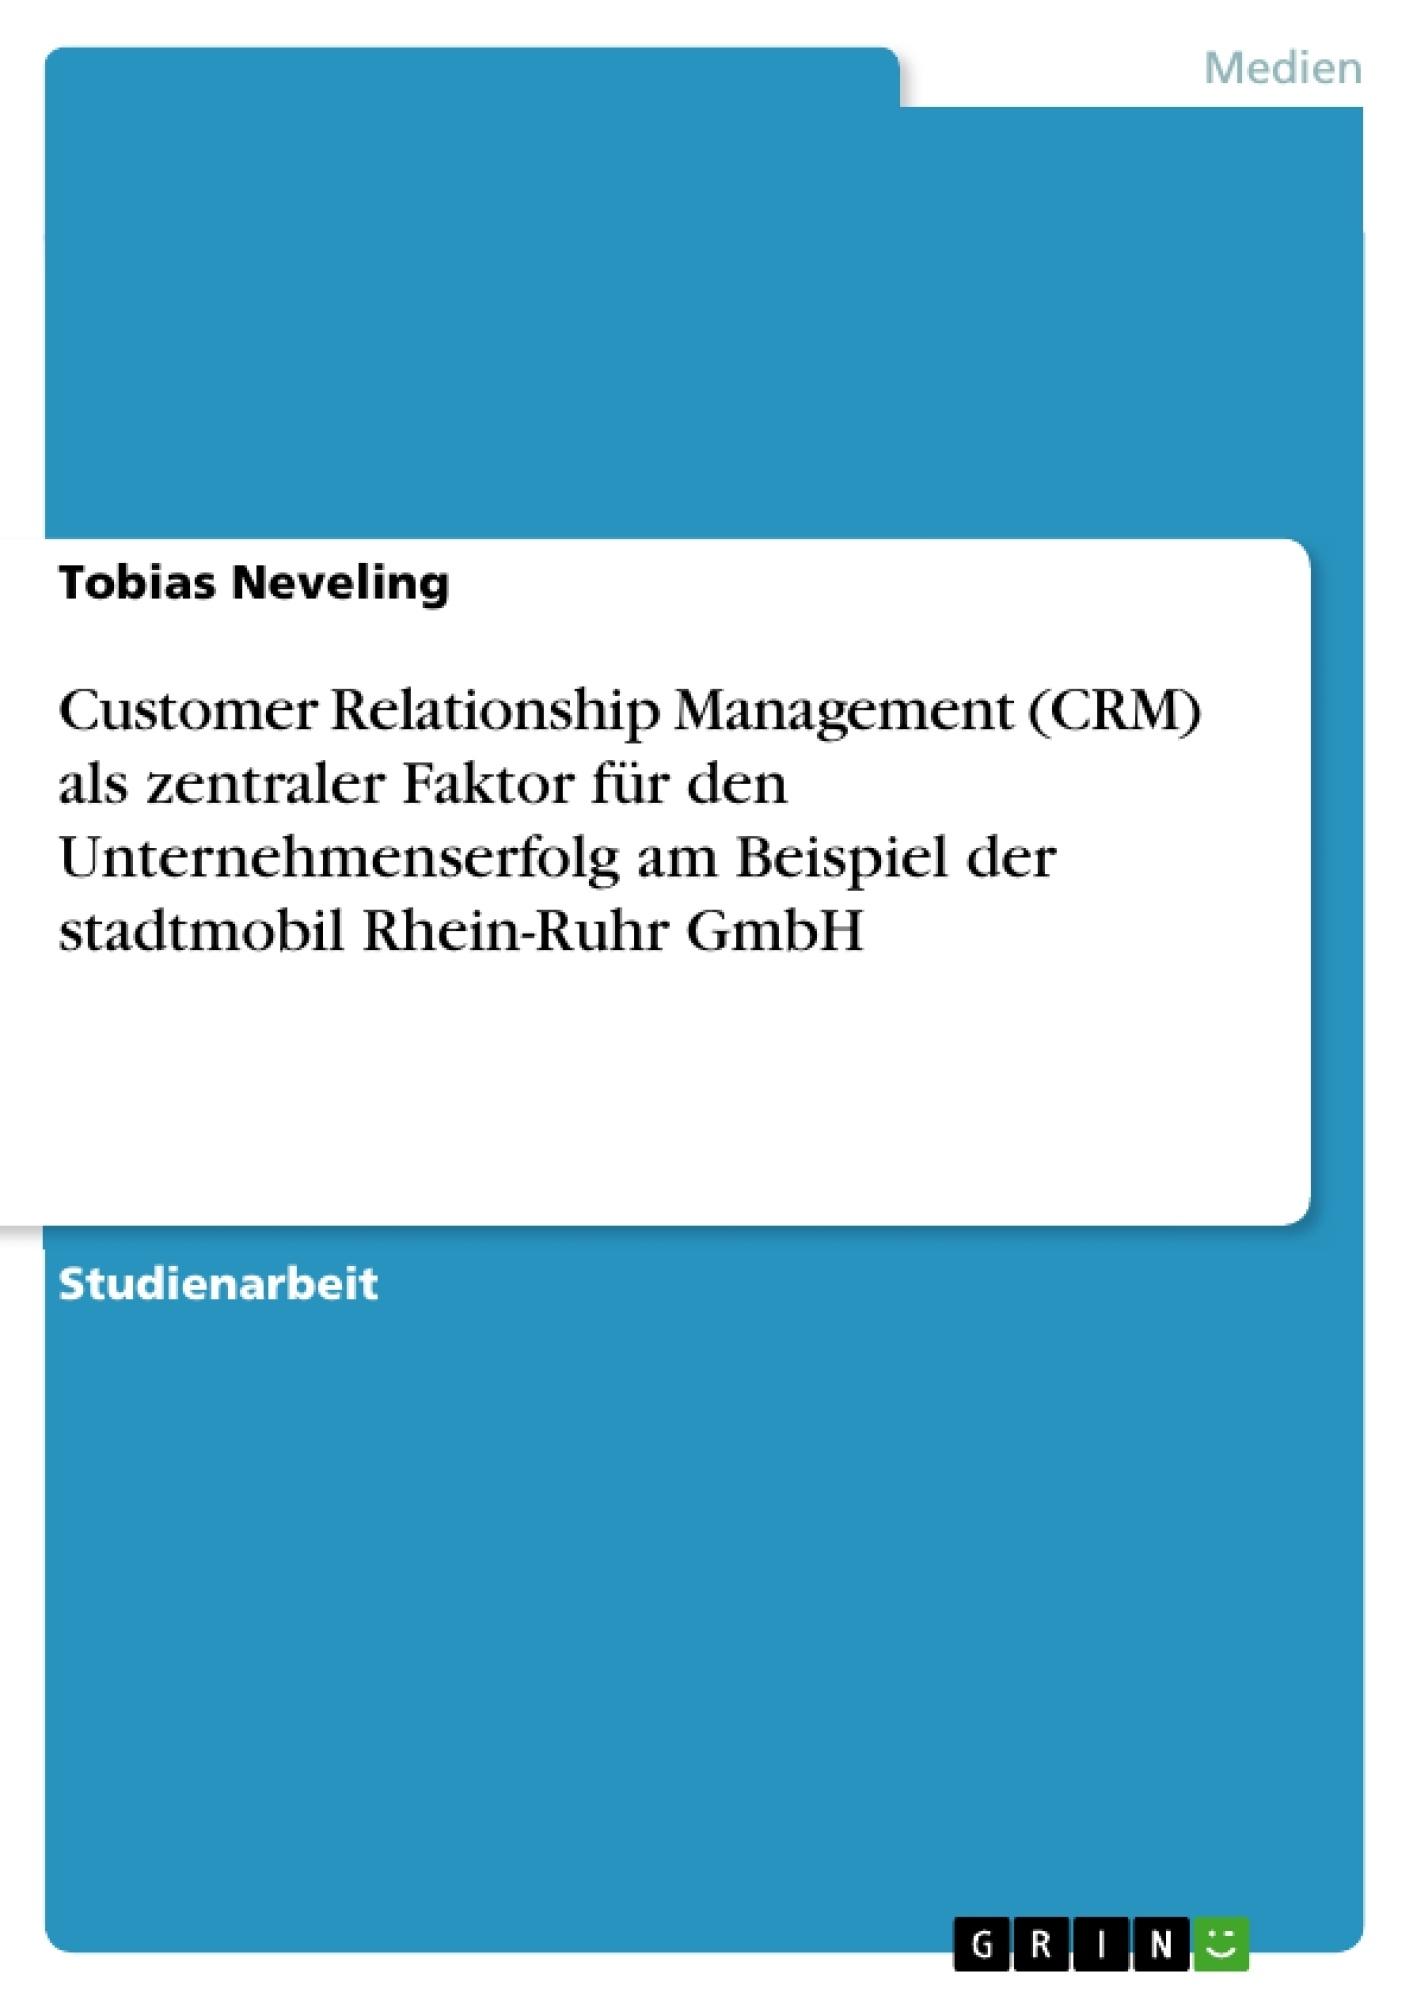 Titel: Customer Relationship Management (CRM) als zentraler Faktor für den Unternehmenserfolg am Beispiel der stadtmobil Rhein-Ruhr GmbH